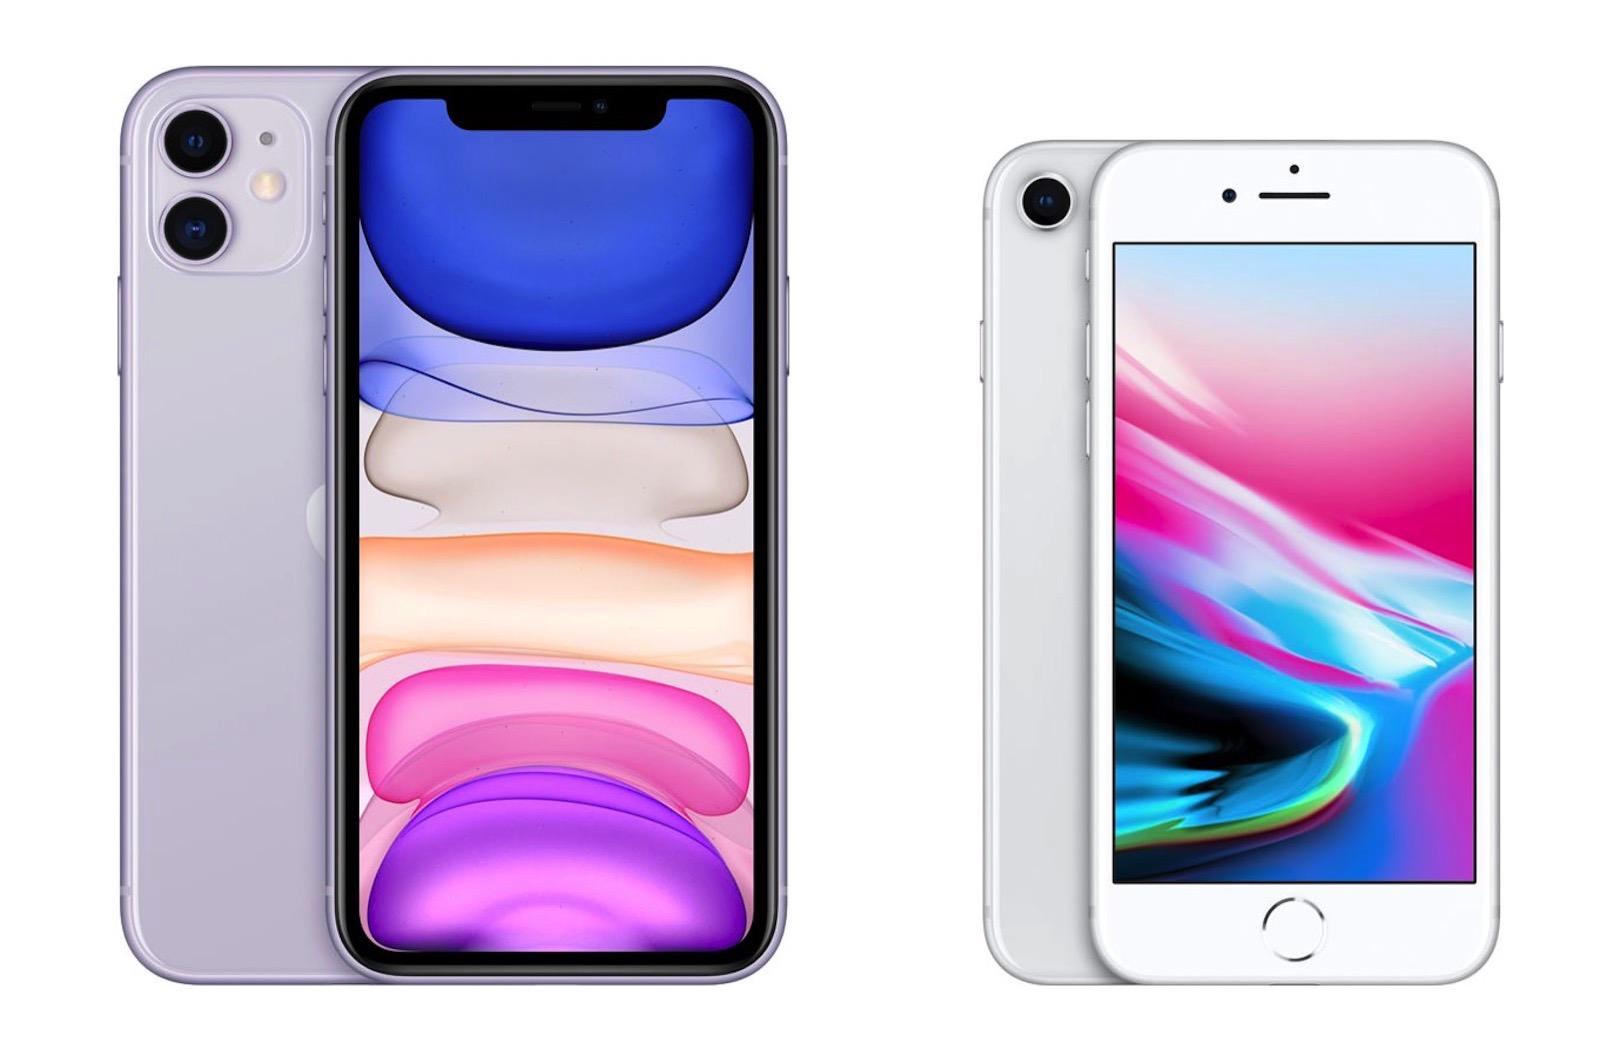 比較】iPhone 8からiPhone 11に買い換えるはアリ?スペックや機能を ...